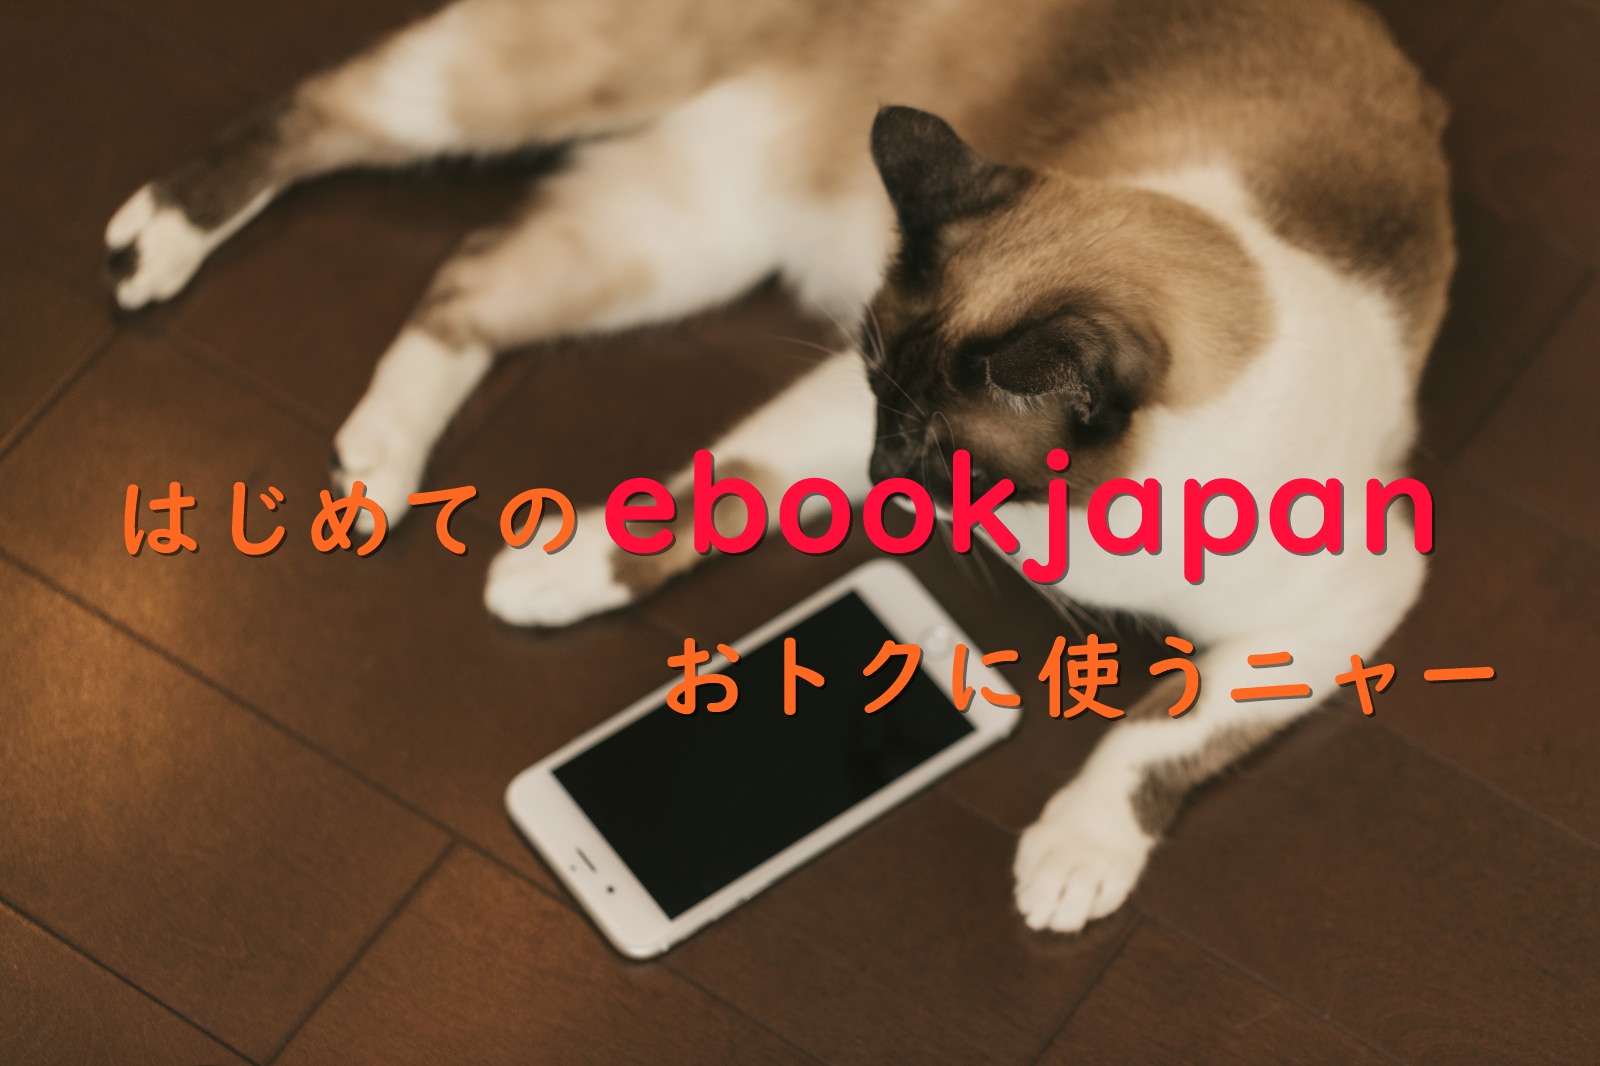 はじめての電子書籍 - ebookjapan のメリットを解説